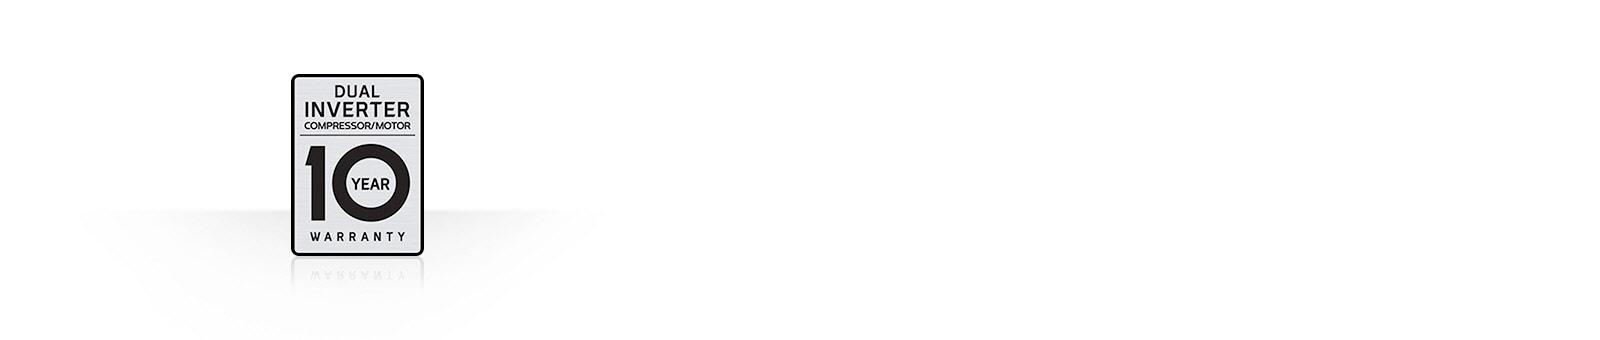 Στεγνωτήριο-EU-Vivace-V900-VC2-White-04-Warranty-D